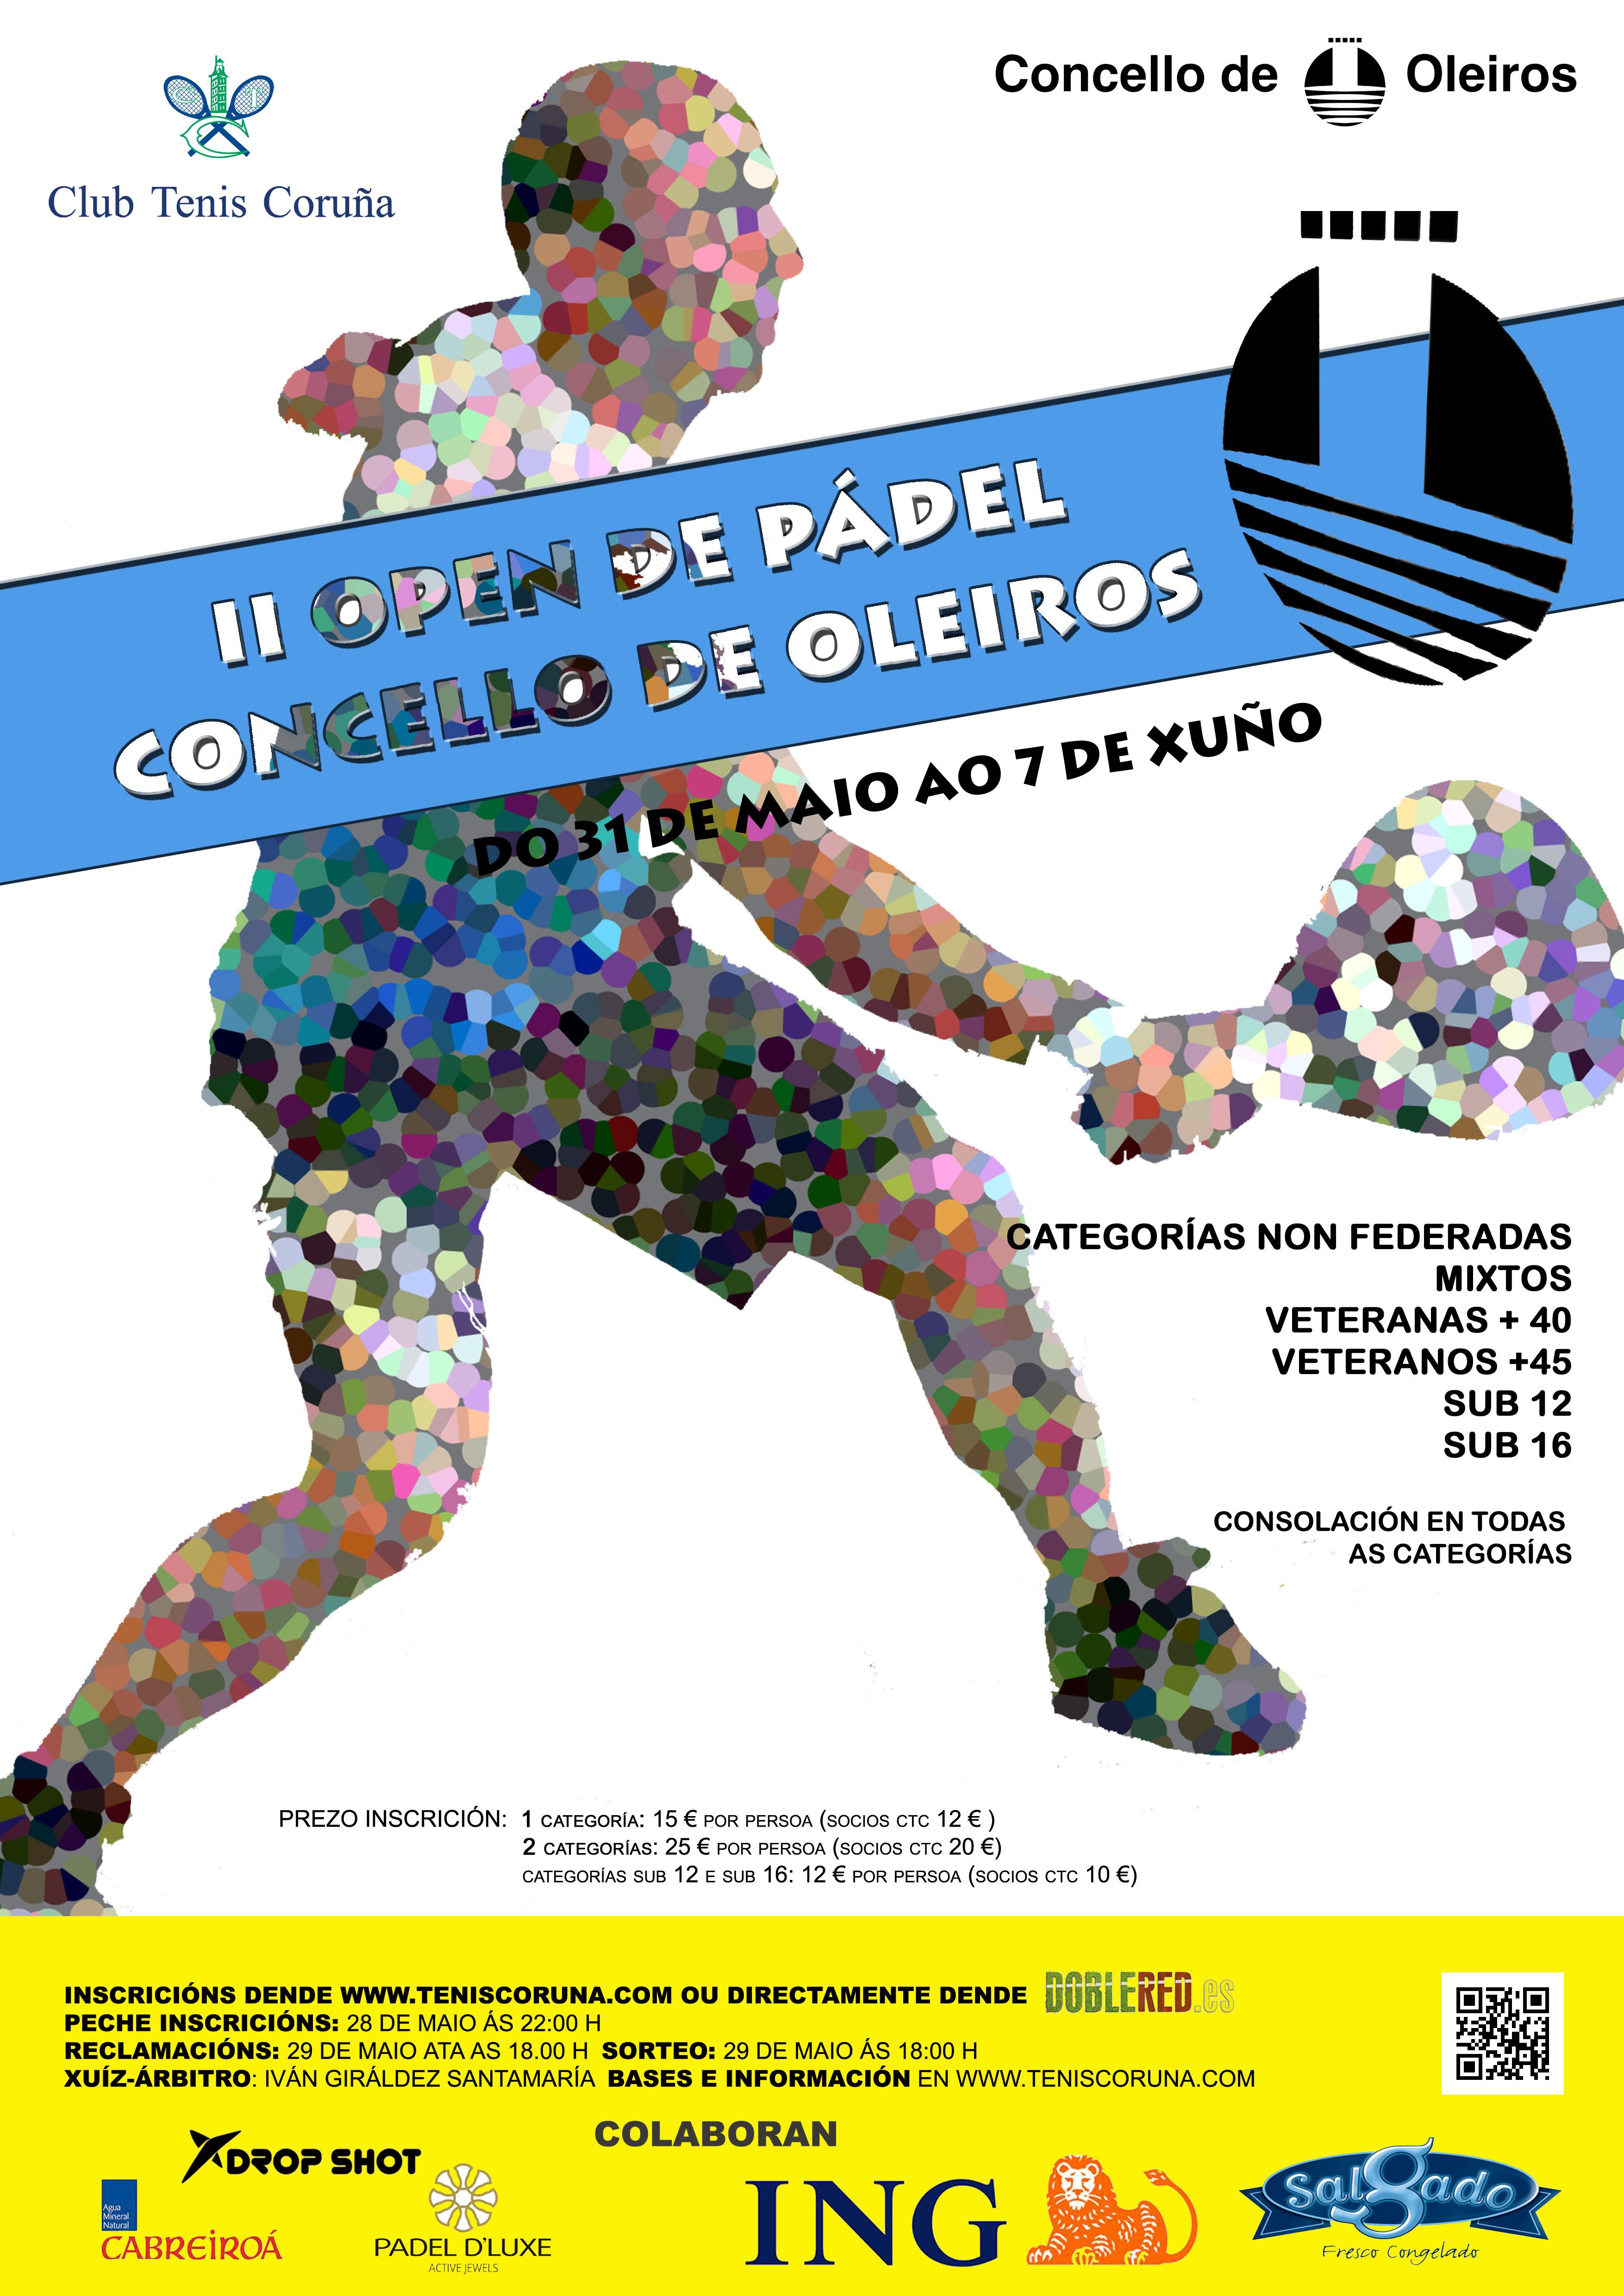 PADEL: II Open de Oleiros